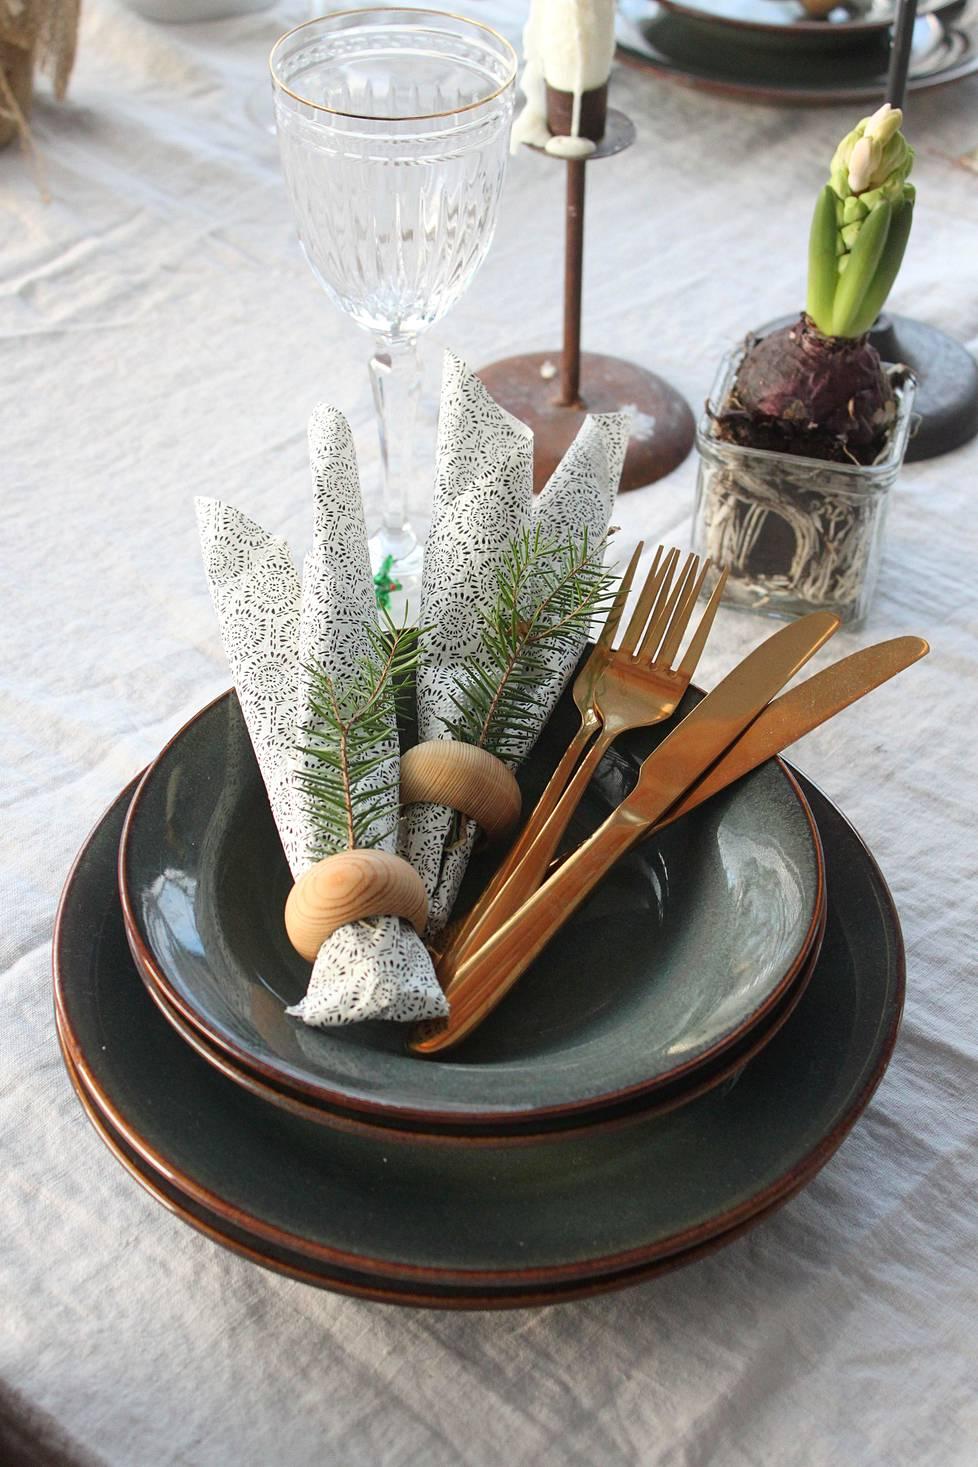 Kultaiset aterimet ja kuusenhavut ovat joulupöydän kauniita yksityiskohtia.